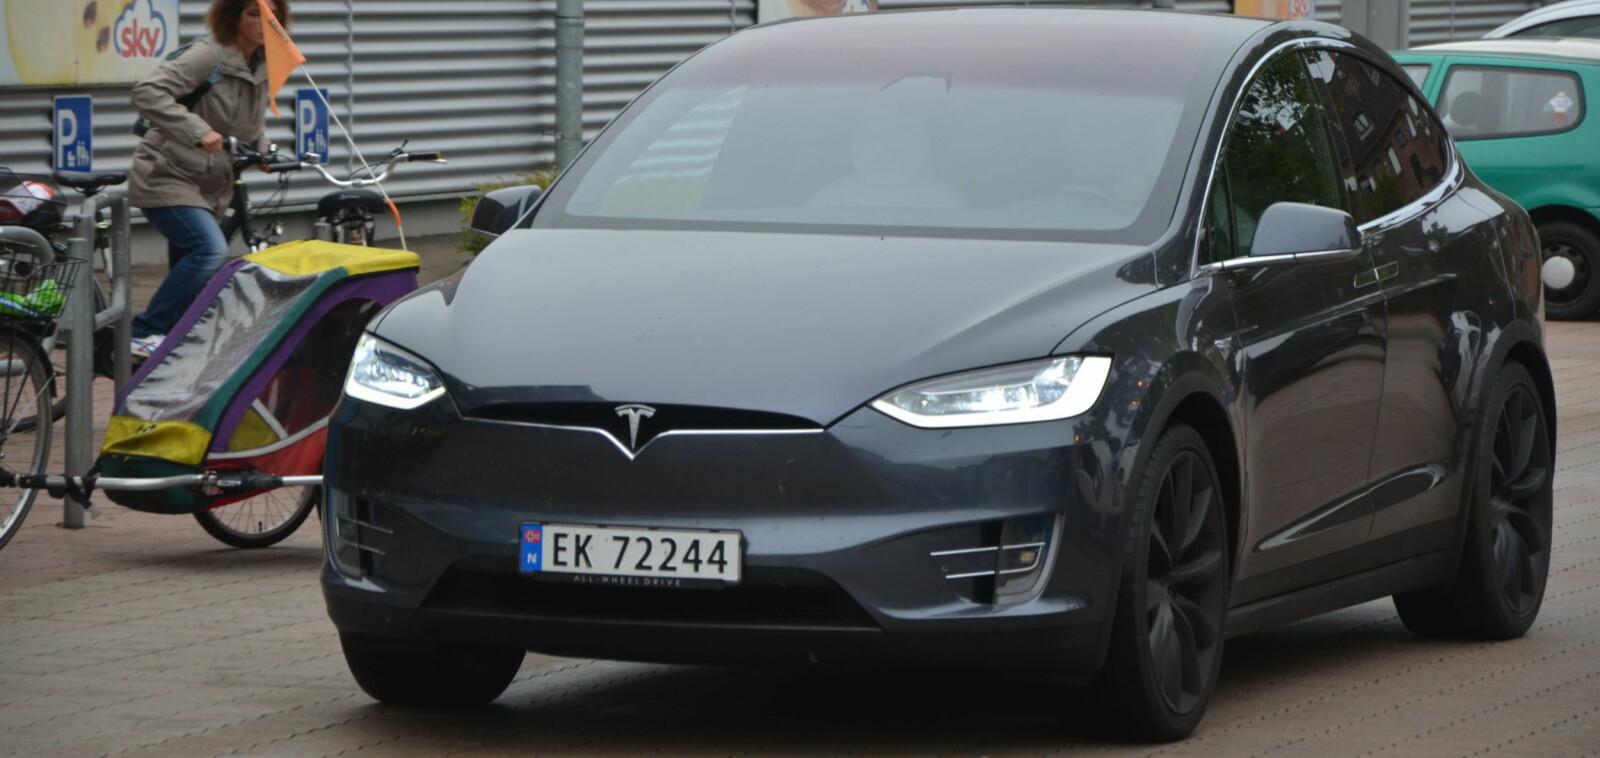 <b>UVANLIG SYN: </b>Tesla Model X er ikke noe vanlig syn i Tyskland ennå. Vi fikk mange nysgjerrige blikk på turen.